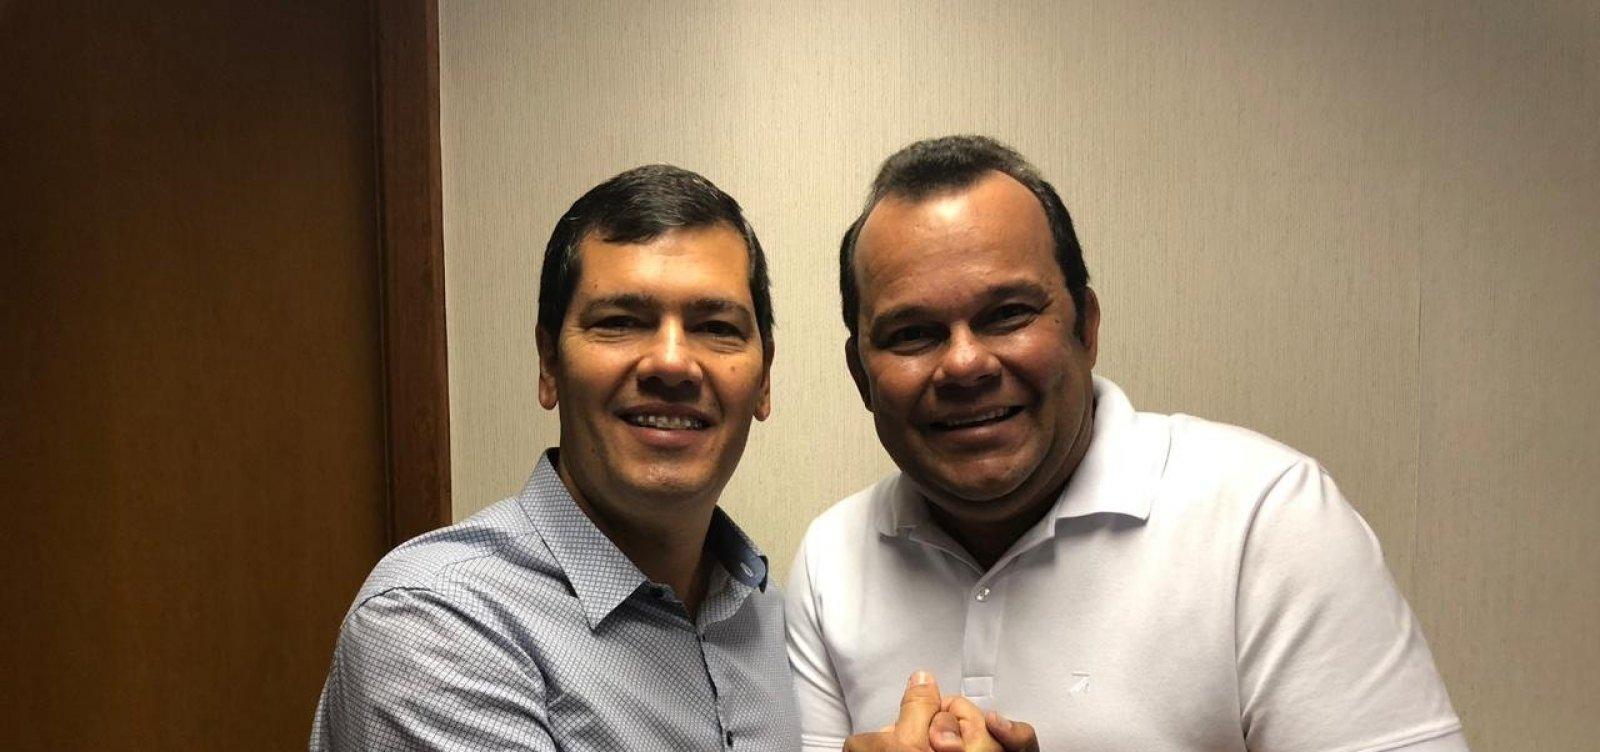 [Tinoco desiste de candidatura e apoia Geraldo Júnior na disputa pela presidência da Câmara]